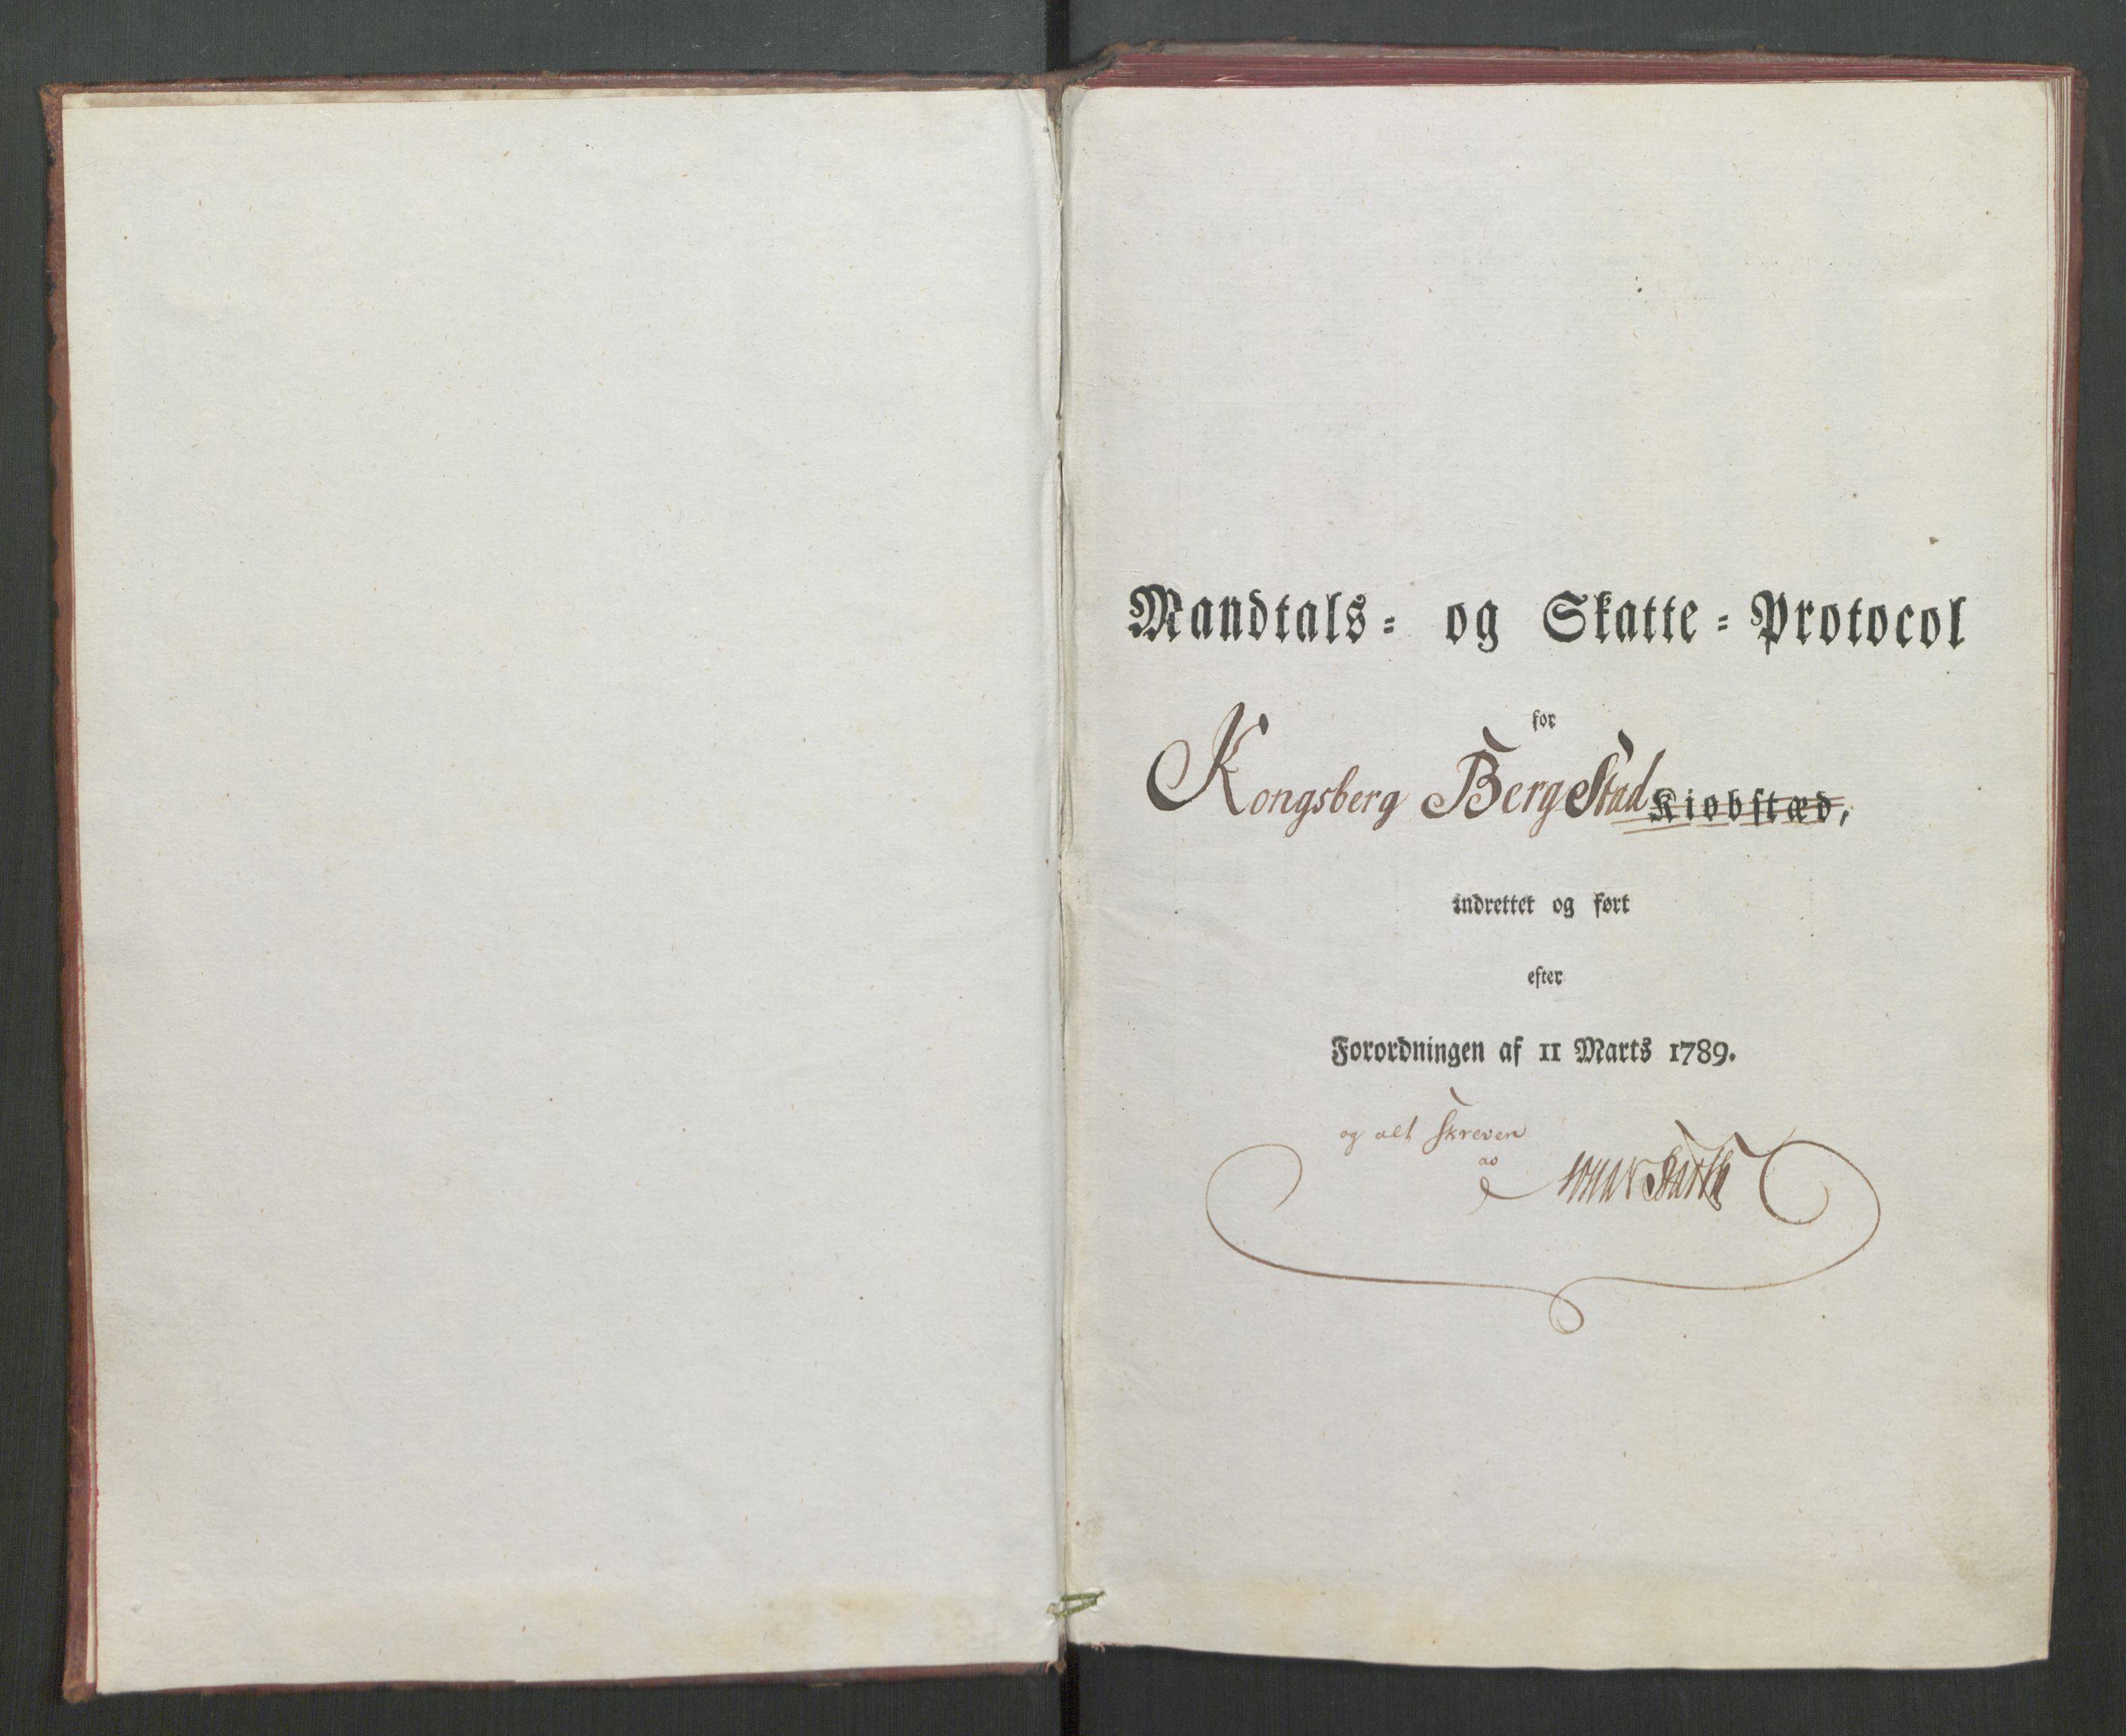 RA, Rentekammeret inntil 1814, Reviderte regnskaper, Mindre regnskaper, Rf/Rfe/L0020: Kongsberg, Kragerø, Larvik, 1789, s. 5